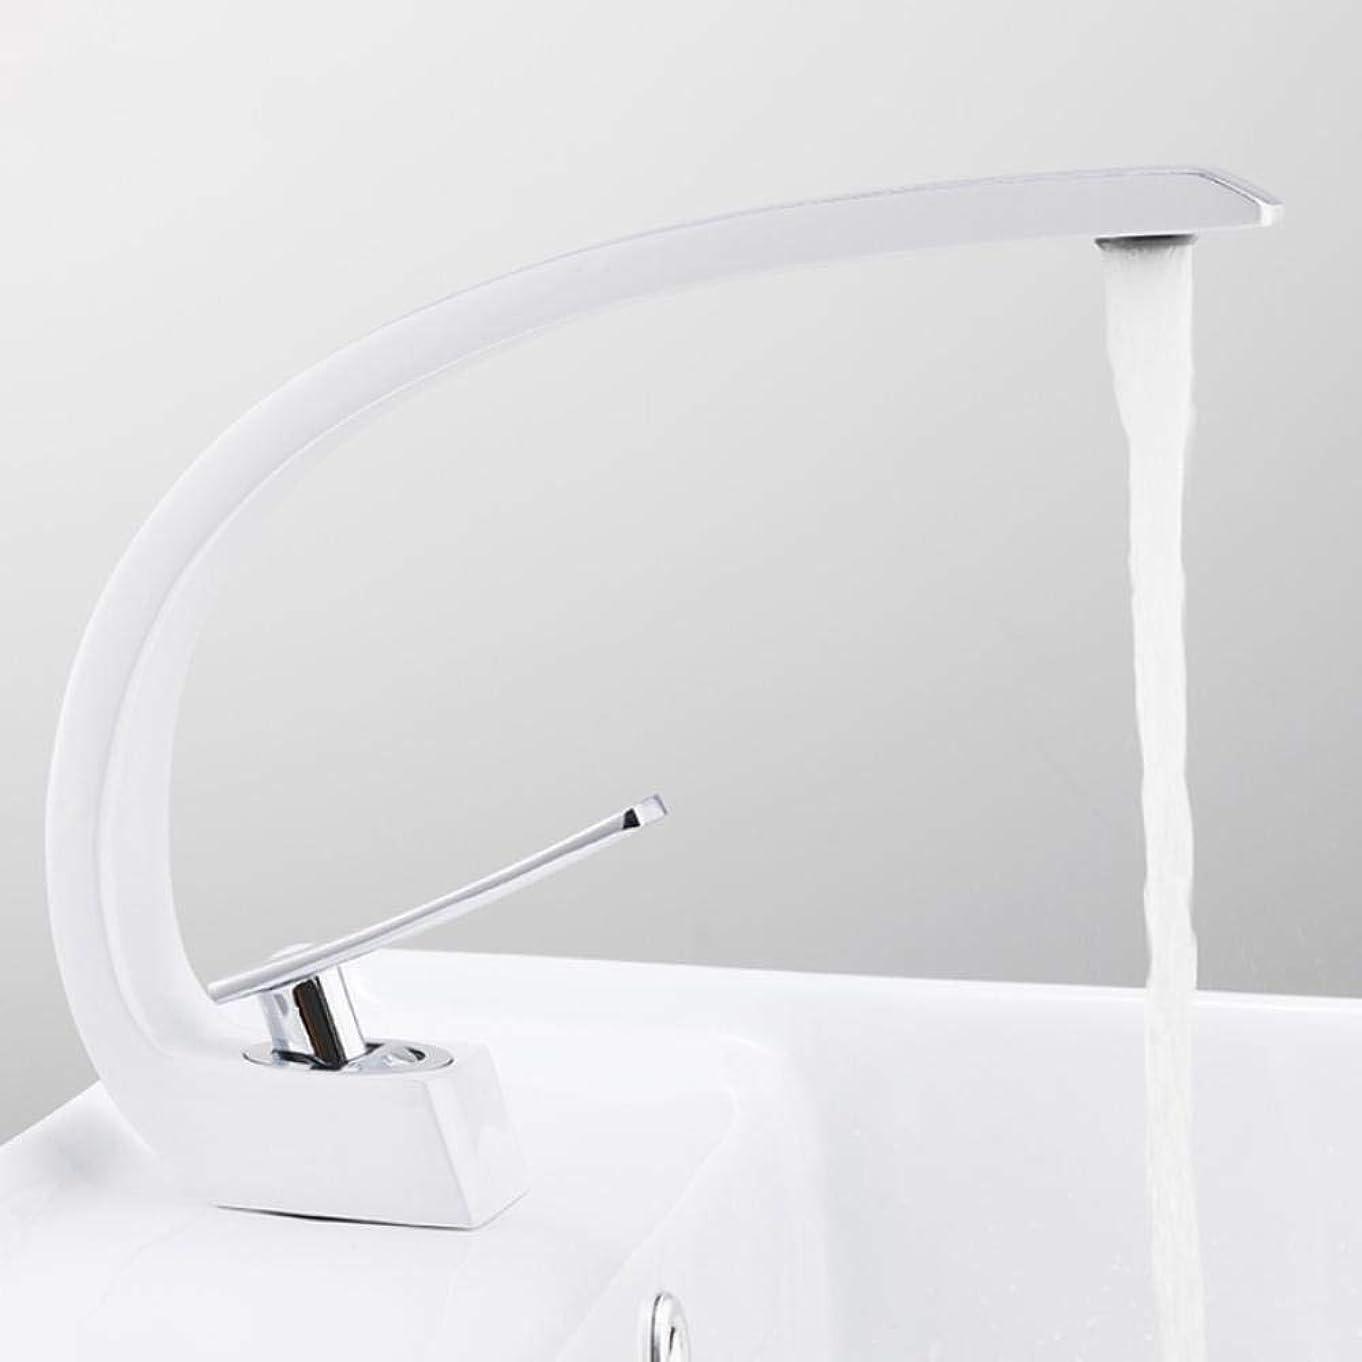 征服治す息子浴室のための流域水栓現代浴室のミキサーのタップ真鍮洗面の蛇口シングルハンドル単穴は、エレガントクレーン,操作簡単